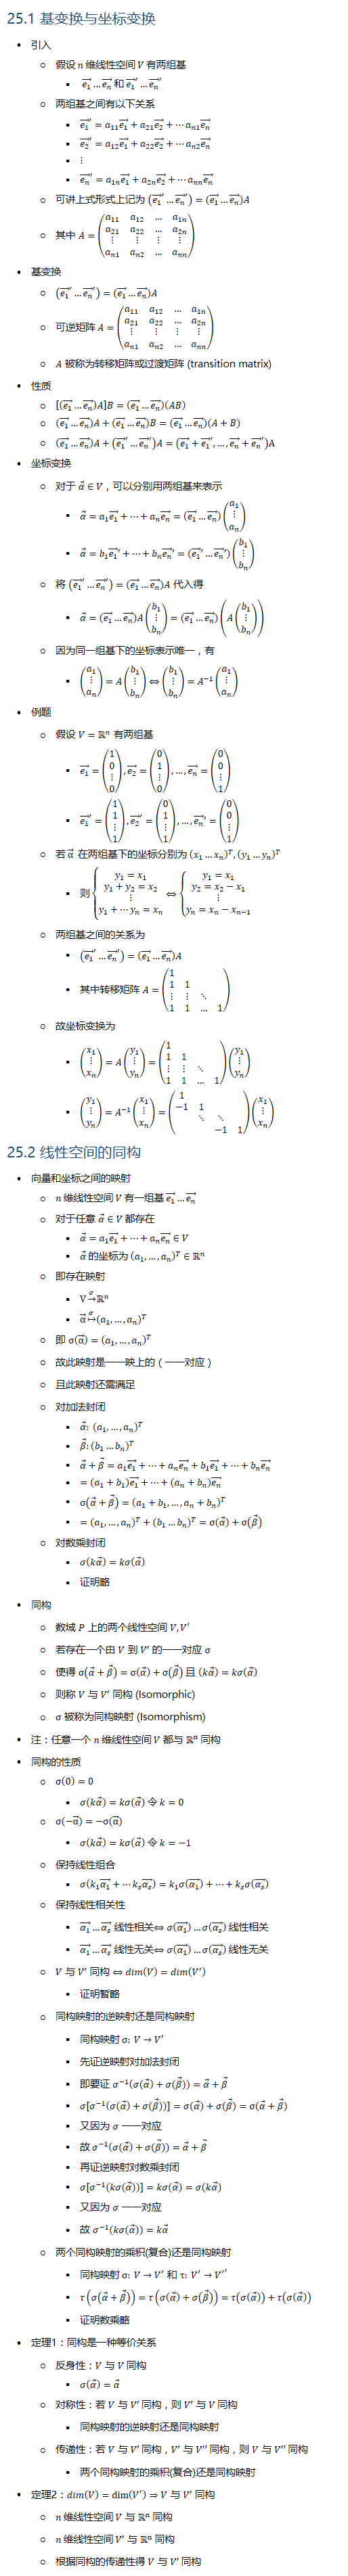 25.1 基变换与坐标变换 • 引入 ○ 假设 n 维线性空间 V 有两组基 § (e_1 ) ⃗…(e_n ) ⃗ 和 (e_1 ) ⃗^′…(e_n ) ⃗^′ ○ 两组基之间有以下关系 § (e_1 ) ⃗^′=a_11 (e_1 ) ⃗+a_21 (e_2 ) ⃗+…a_n1 (e_n ) ⃗ § (e_2 ) ⃗^′=a_12 (e_1 ) ⃗+a_22 (e_2 ) ⃗+…a_n2 (e_n ) ⃗ § ⋮ § (e_n ) ⃗^′=a_1n (e_1 ) ⃗+a_2n (e_2 ) ⃗+…a_nn (e_n ) ⃗ ○ 可讲上式形式上记为 ((e_1 ) ⃗^′…(e_n ) ⃗^′ )=((e_1 ) ⃗…(e_n ) ⃗ )A ○ 其中 A=(■8(a_11&a_12&…&a_1n@a_21&a_22&…&a_2n@⋮&⋮&⋮&⋮@a_n1&a_n2&…&a_nn )) • 基变换 ○ ((e_1 ) ⃗^′…(e_n ) ⃗^′ )=((e_1 ) ⃗…(e_n ) ⃗ )A ○ 可逆矩阵 A=(■8(a_11&a_12&…&a_1n@a_21&a_22&…&a_2n@⋮&⋮&⋮&⋮@a_n1&a_n2&…&a_nn )) ○ A 被称为转移矩阵或过渡矩阵 (transition matrix) • 性质 ○ [((e_1 ) ⃗…(e_n ) ⃗ )A]B=((e_1 ) ⃗…(e_n ) ⃗ )(AB) ○ ((e_1 ) ⃗…(e_n ) ⃗ )A+((e_1 ) ⃗…(e_n ) ⃗ )B=((e_1 ) ⃗…(e_n ) ⃗ )(A+B) ○ ((e_1 ) ⃗…(e_n ) ⃗ )A+((e_1 ) ⃗^′…(e_n ) ⃗^′ )A=((e_1 ) ⃗+(e_1 ) ⃗^′,…,(e_n ) ⃗+(e_n ) ⃗^′ )A • 坐标变换 ○ 对于 α ⃗∈V,可以分别用两组基来表示 § α ⃗=a_1 (e_1 ) ⃗+…+a_n (e_n ) ⃗=((e_1 ) ⃗…(e_n ) ⃗ )(■8(a_1@⋮@a_n )) § α ⃗=b_1 (e_1 ) ⃗′+…+b_n (e_n ) ⃗′=((e_1 ) ⃗′…(e_n ) ⃗′)(■8(b_1@⋮@b_n )) ○ 将 ((e_1 ) ⃗^′…(e_n ) ⃗^′ )=((e_1 ) ⃗…(e_n ) ⃗ )A 代入得 § α ⃗=((e_1 ) ⃗…(e_n ) ⃗ )A(■8(b_1@⋮@b_n ))=((e_1 ) ⃗…(e_n ) ⃗ )(A(■8(b_1@⋮@b_n ))) ○ 因为同一组基下的坐标表示唯一,有 § (■8(a_1@⋮@a_n ))=A(■8(b_1@⋮@b_n ))⇔(■8(b_1@⋮@b_n ))=A^(−1) (■8(a_1@⋮@a_n )) • 例题 ○ 假设 V=Rn 有两组基 § (e_1 ) ⃗=(■8(1@0@⋮@0)),(e_2 ) ⃗=(■8(0@1@⋮@0)),…,(e_n ) ⃗=(■8(0@0@⋮@1)) § (e_1 ) ⃗^′=(■8(1@1@⋮@1)),(e_2 ) ⃗^′=(■8(0@1@⋮@1)),…,(e_n ) ⃗′=(■8(0@0@⋮@1)) ○ 若 α ⃗ 在两组基下的坐标分别为 (x_1…x_n )^T, (y_1…y_n )^T § 则{█(y_1=x_1@y_1+y_2=x_2@⋮@y_1+…y_n=x_n )⇔{█(y_1=x_1@y_2=x_2−x_1@⋮@y_n=x_n−x_(n−1) )┤┤ ○ 两组基之间的关系为 § ((e_1 ) ⃗^′…(e_n ) ⃗^′ )=((e_1 ) ⃗…(e_n ) ⃗ )A § 其中转移矩阵 A=(■(1&&&@1&1&&@⋮&⋮&⋱&@1&1&…&1)) ○ 故坐标变换为 § (■8(x_1@⋮@x_n ))=A(■8(y_1@⋮@y_n ))=(■(1&&&@1&1&&@⋮&⋮&⋱&@1&1&…&1))(■8(y_1@⋮@y_n )) § (■8(y_1@⋮@y_n ))=A^(−1) (■8(x_1@⋮@x_n ))=(■(1&&&@−1&1&&@&⋱&⋱&@&&−1&1))(■8(x_1@⋮@x_n )) 25.2 线性空间的同构 • 向量和坐标之间的映射 ○ n 维线性空间 V 有一组基 (e_1 ) ⃗…(e_n ) ⃗ ○ 对于任意 α ⃗∈V 都存在 § α ⃗=a_1 (e_1 ) ⃗+…+a_n (e_n ) ⃗∈V § α ⃗ 的坐标为 (a_1,…,a_n )^T∈Rn ○ 即存在映射 § V→┴σ Rn § α ⃗↦┴σ (a_1,…,a_n )^T ○ 即 σ(α ⃗ )=(a_1,…,a_